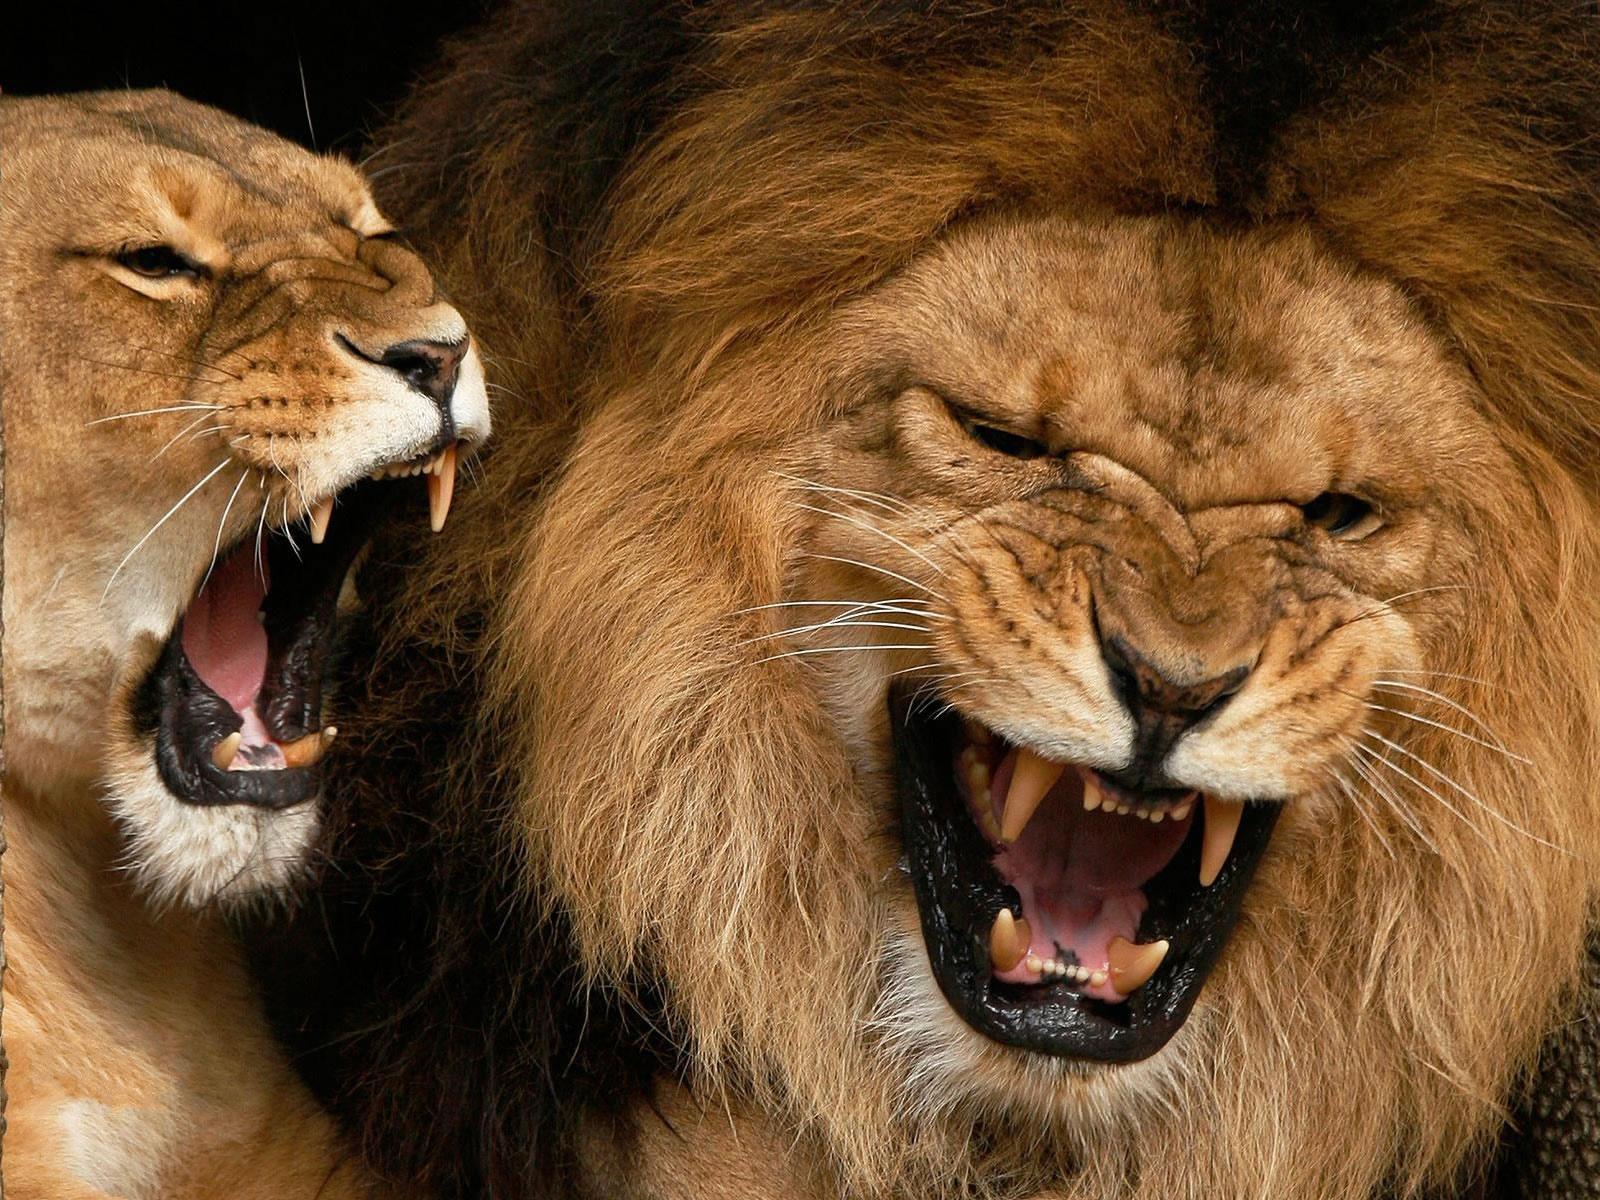 http://4.bp.blogspot.com/-IZkYPnnvpkQ/UBeFne_5ETI/AAAAAAAAAXs/jjrnU_KpeGI/s1600/lions%2Bfull%2Bhd%2Bwallpapers%2B1.jpg